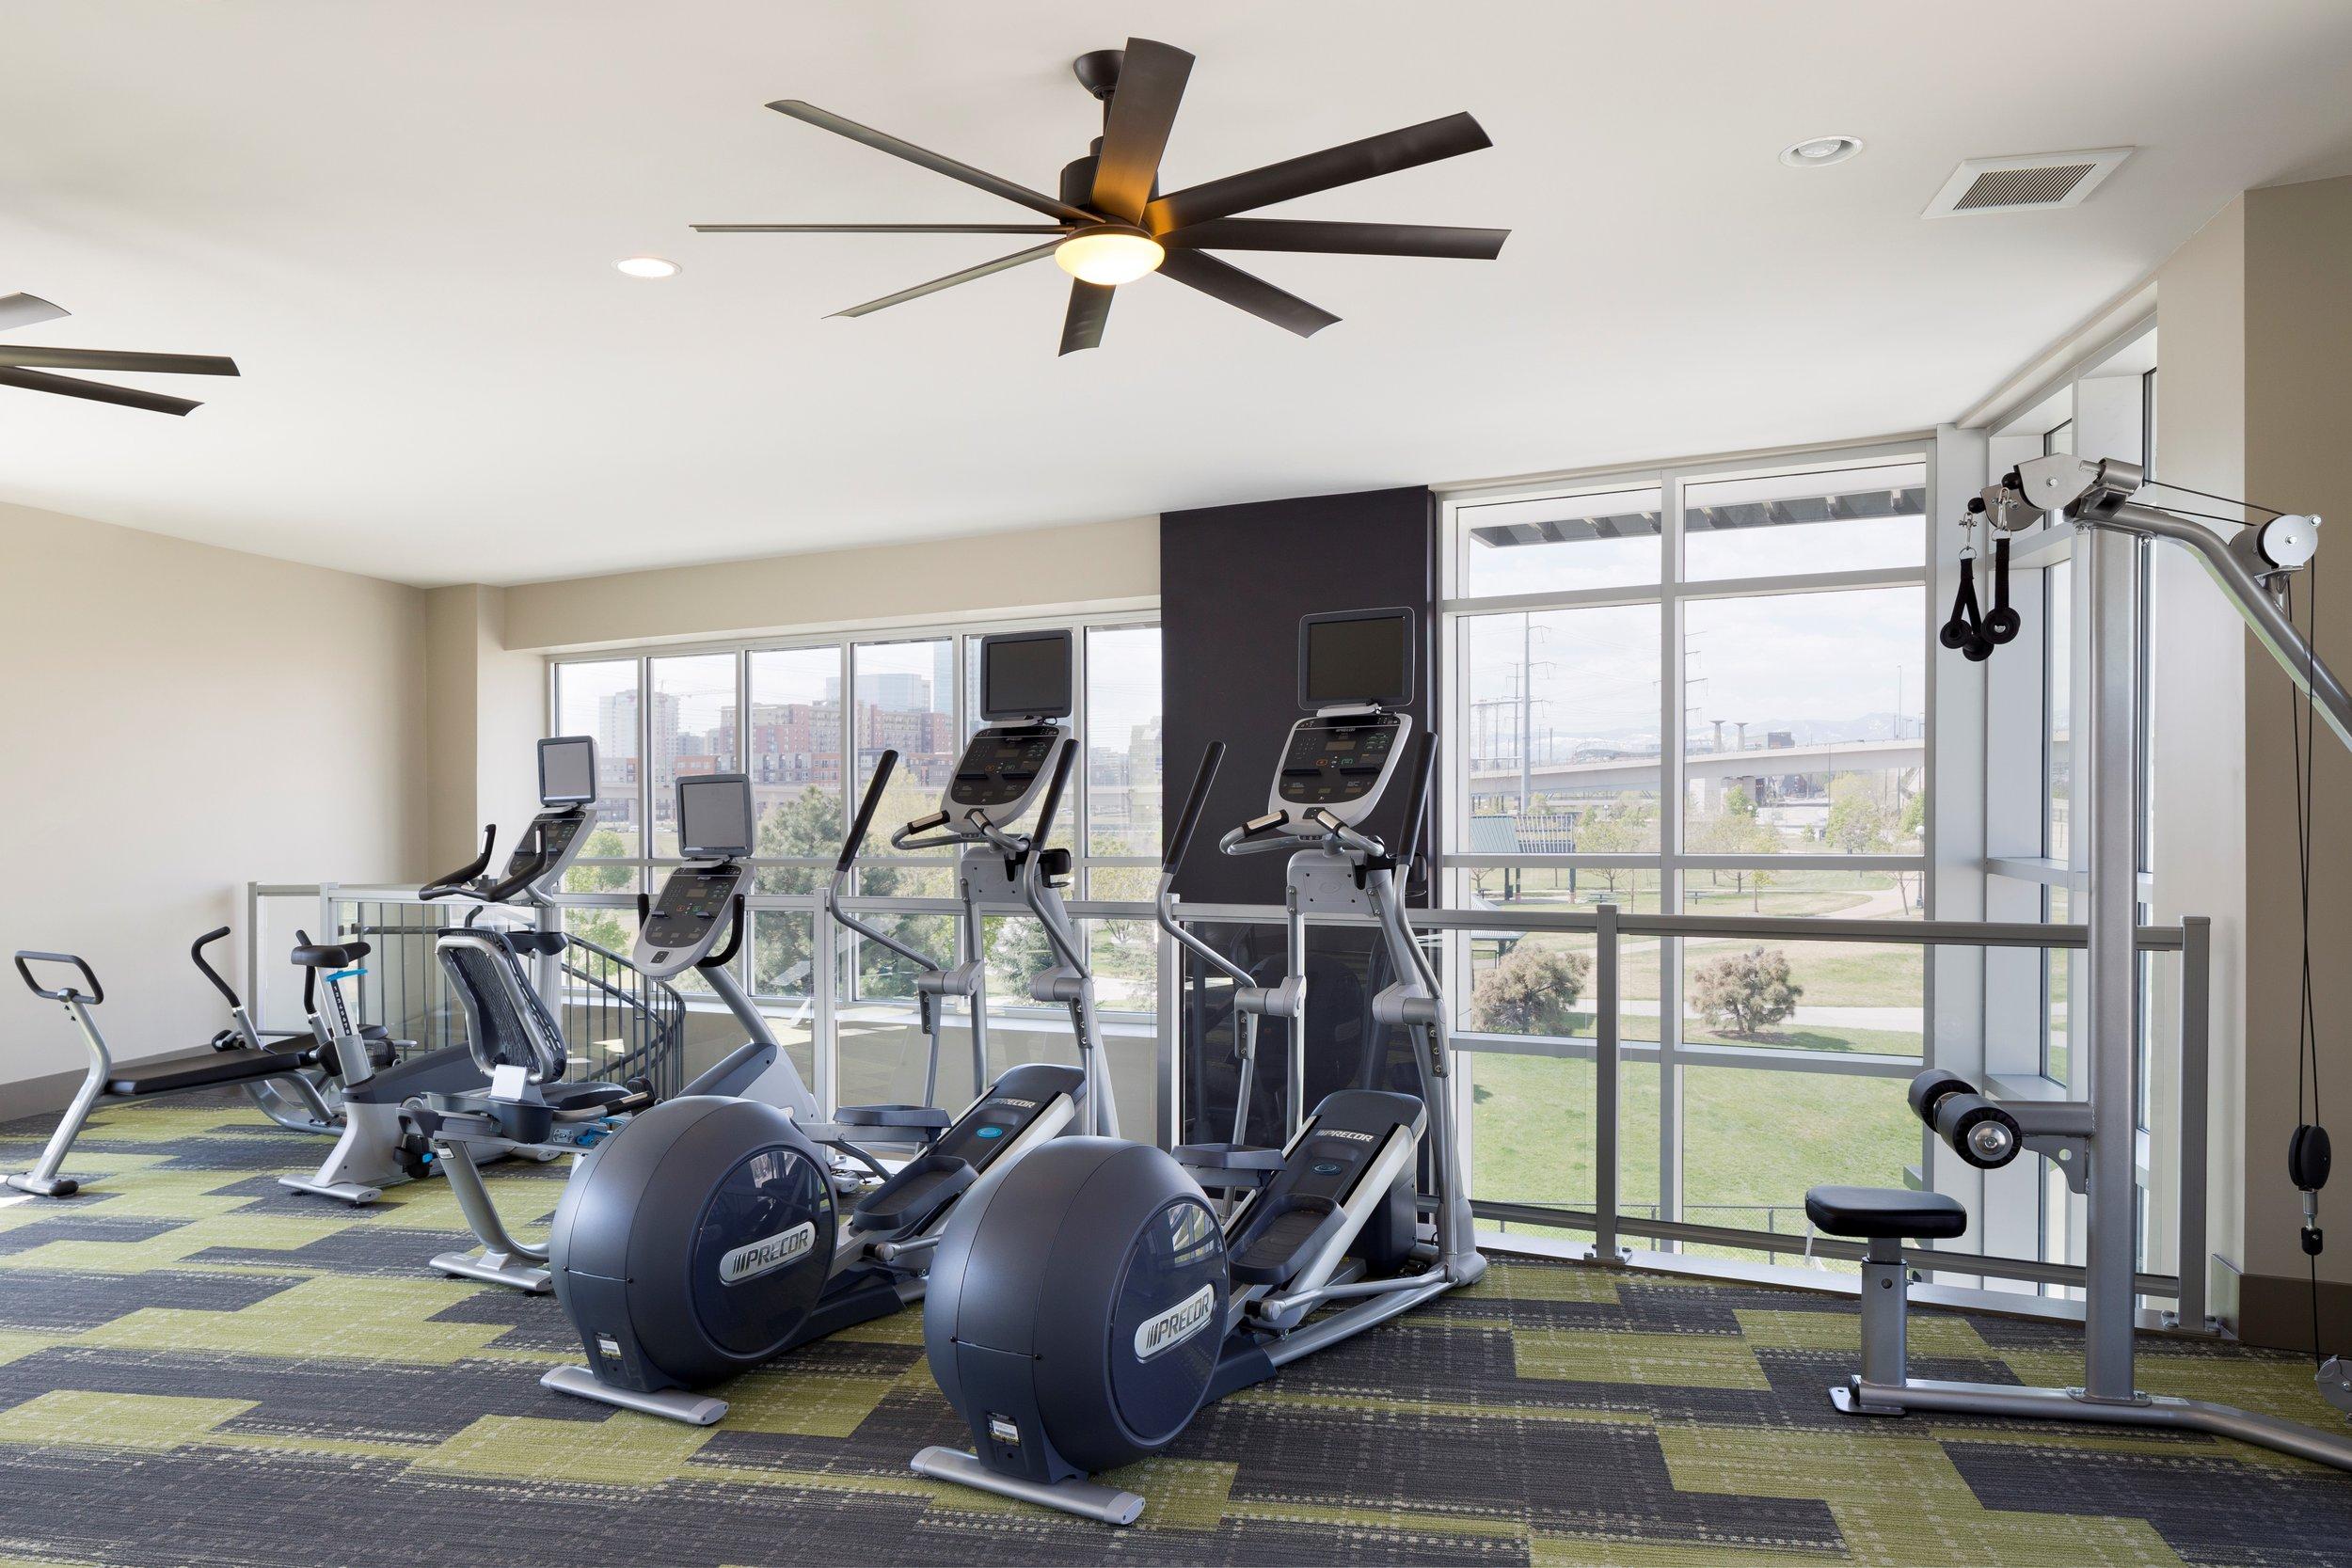 13-Break a Sweat in the Multi-Level Fitness Club.jpg